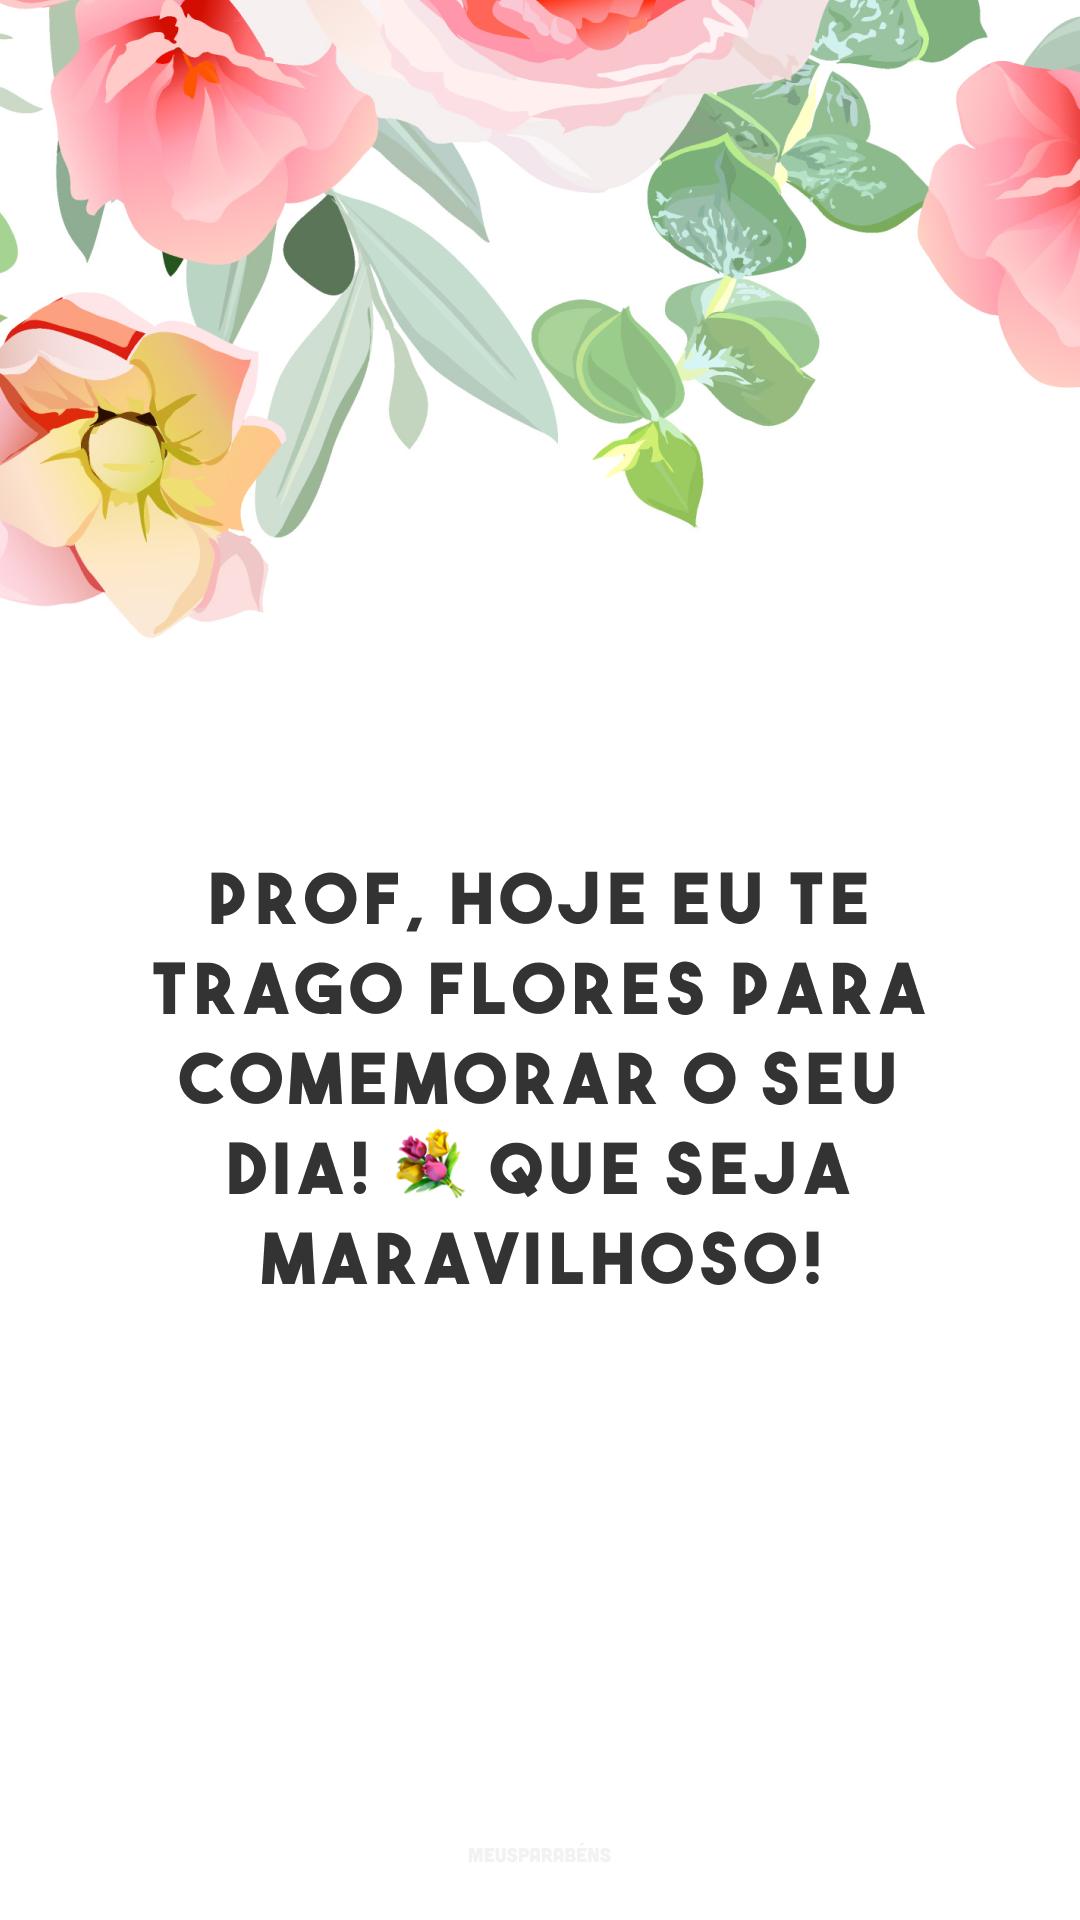 Prof, hoje eu te trago flores para comemorar o seu dia! 💐 Que seja maravilhoso!